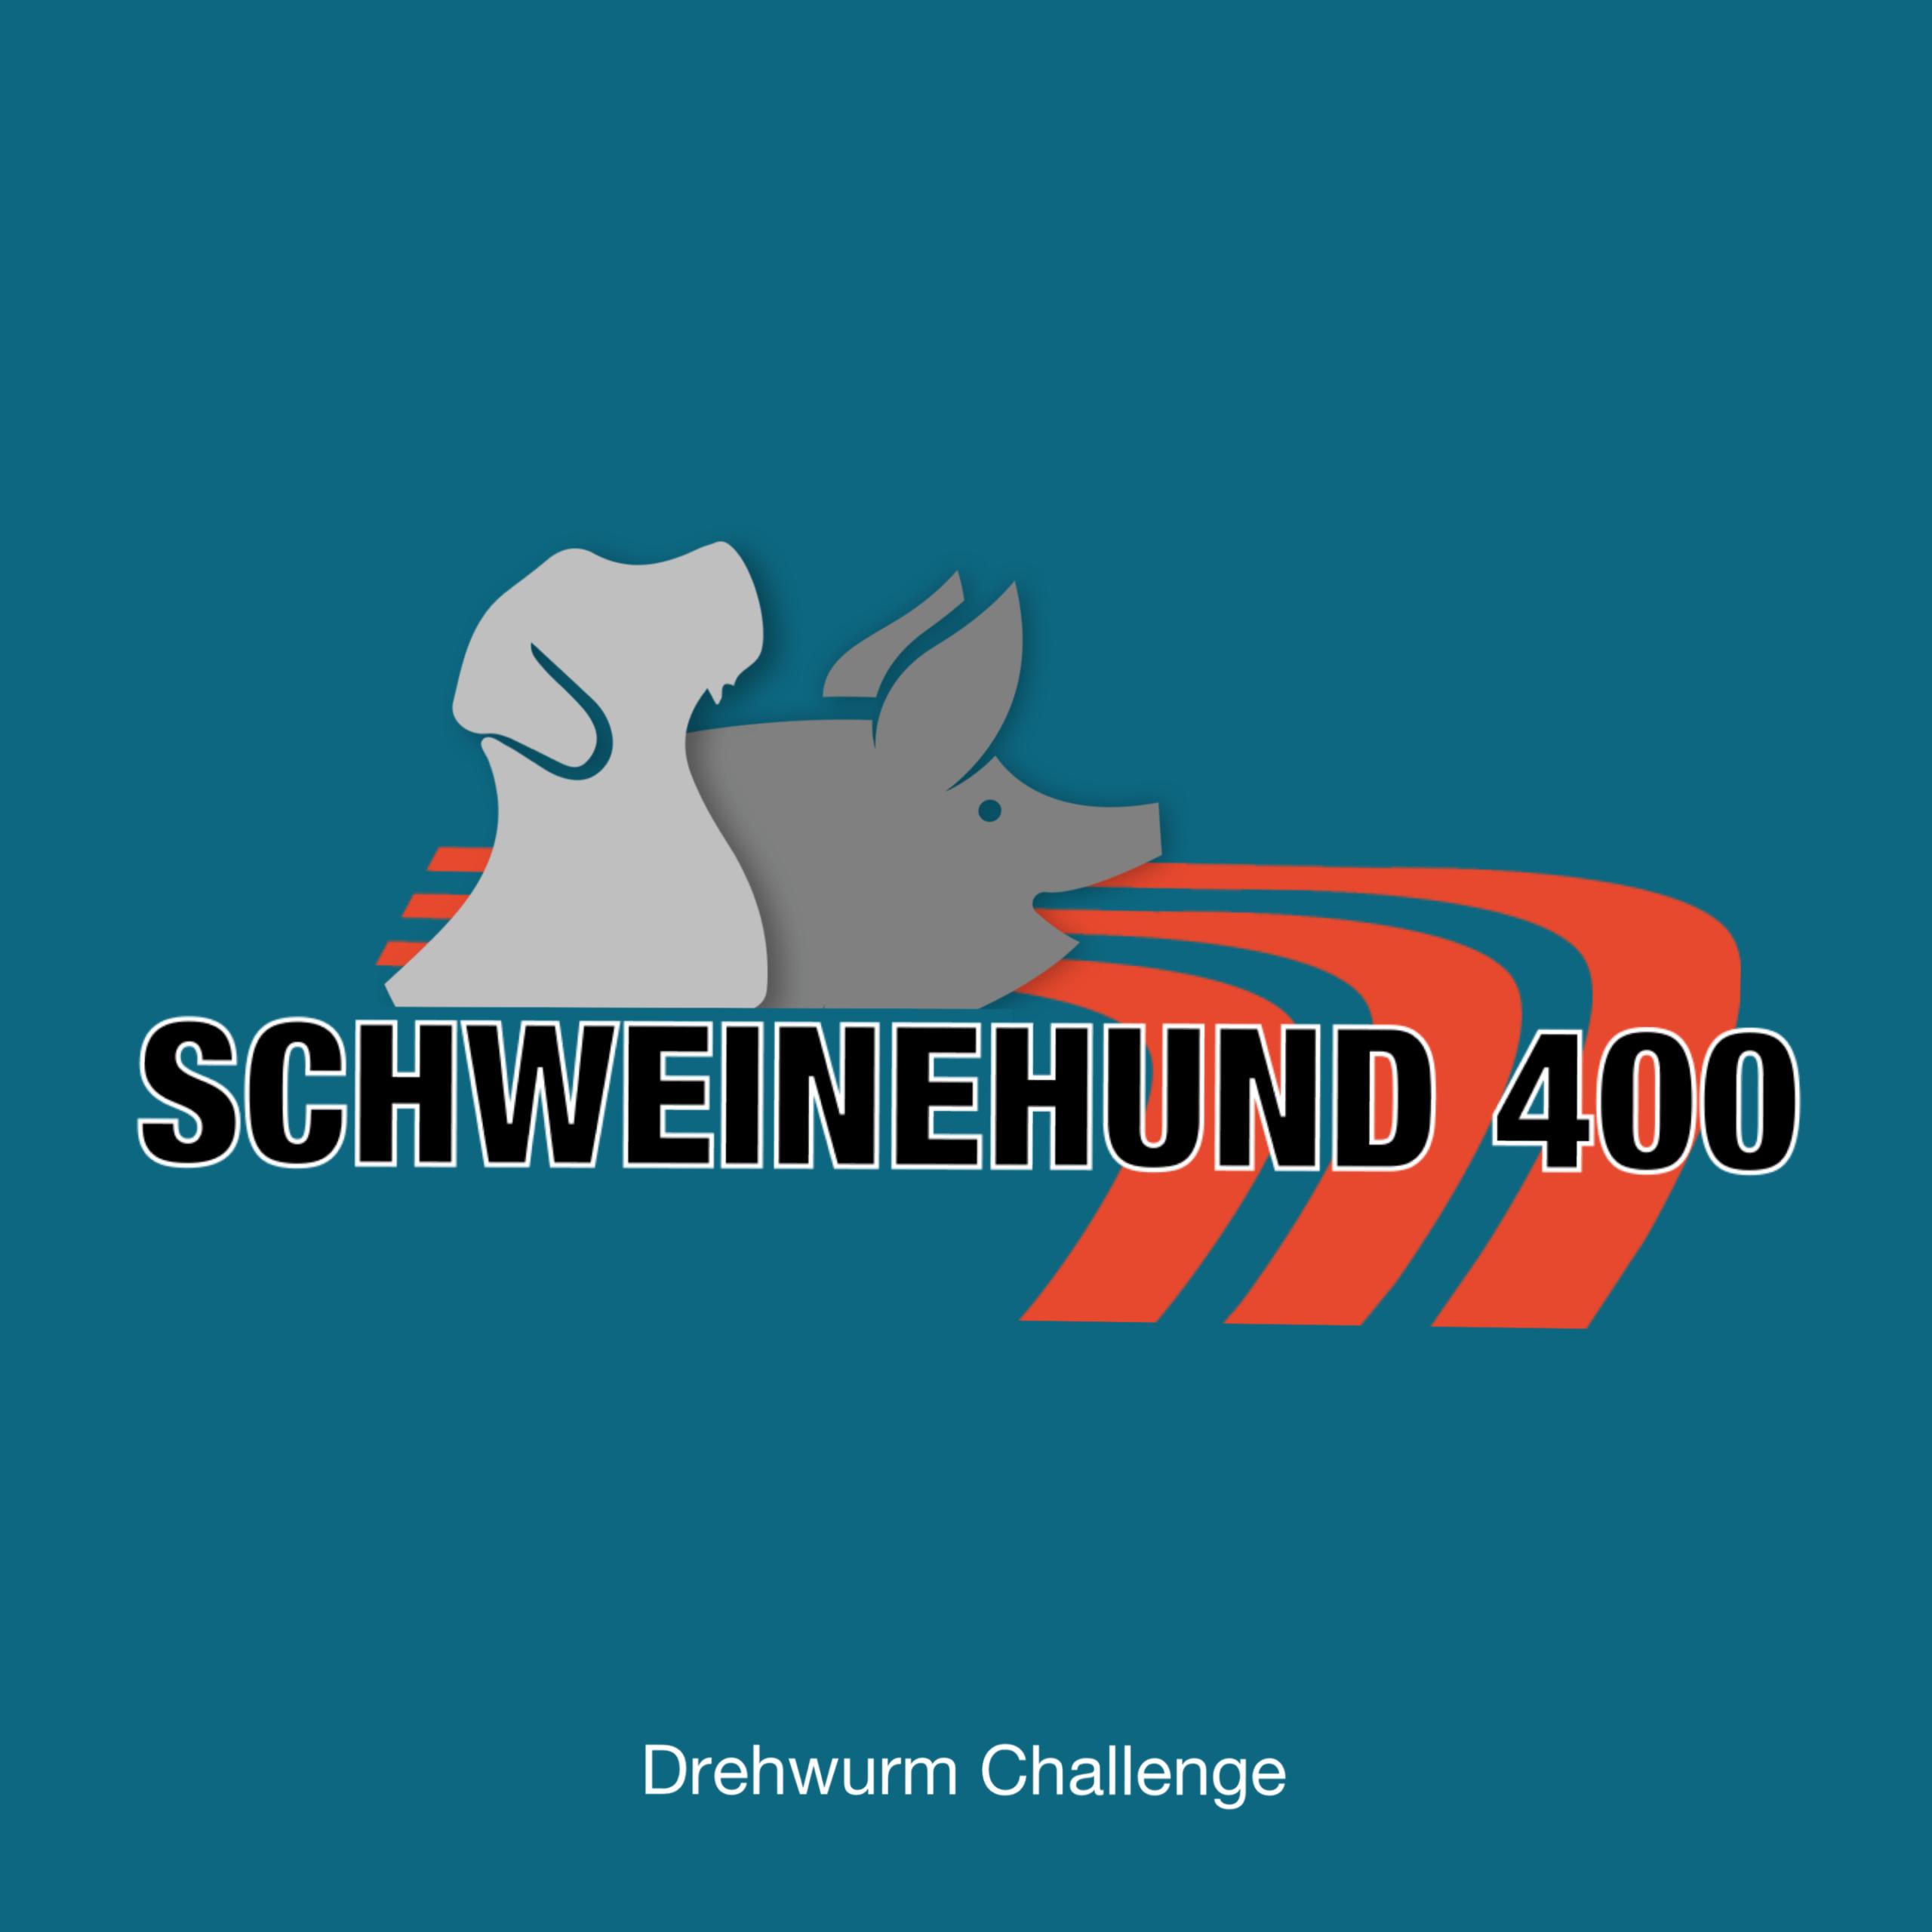 Schweinehund 400